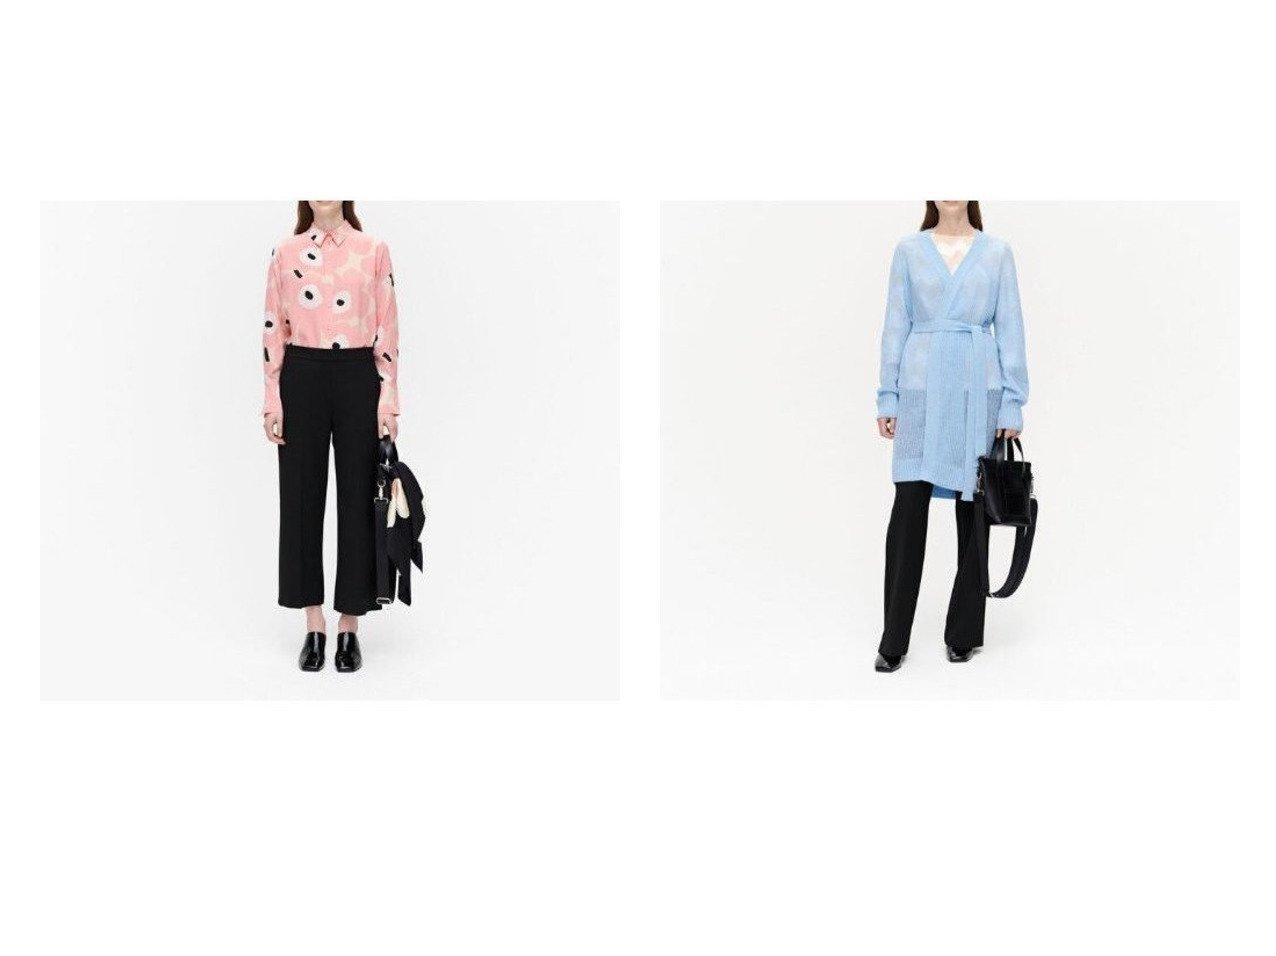 【marimekko/マリメッコ】のHakku Solid パンツ&Frustum ニットカーディガン マリメッコのおすすめ!人気、トレンド・レディースファッションの通販 おすすめで人気の流行・トレンド、ファッションの通販商品 メンズファッション・キッズファッション・インテリア・家具・レディースファッション・服の通販 founy(ファニー) https://founy.com/ ファッション Fashion レディースファッション WOMEN トップス カットソー Tops Tshirt ニット Knit Tops カーディガン Cardigans パンツ Pants おすすめ Recommend カーディガン シンプル センター ベーシック ポケット |ID:crp329100000021908